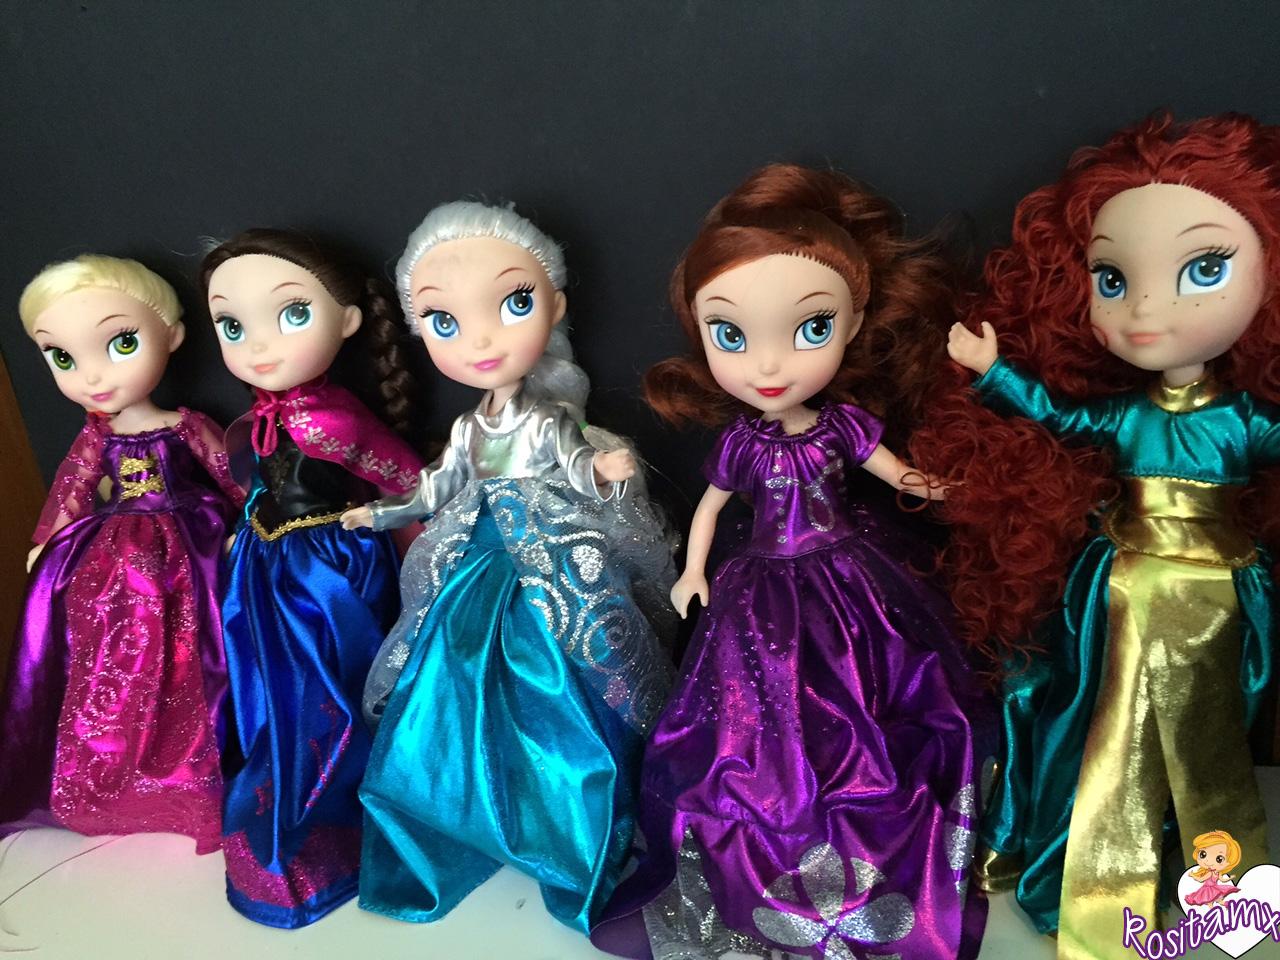 Princesas Medianas $95.00 Pesos